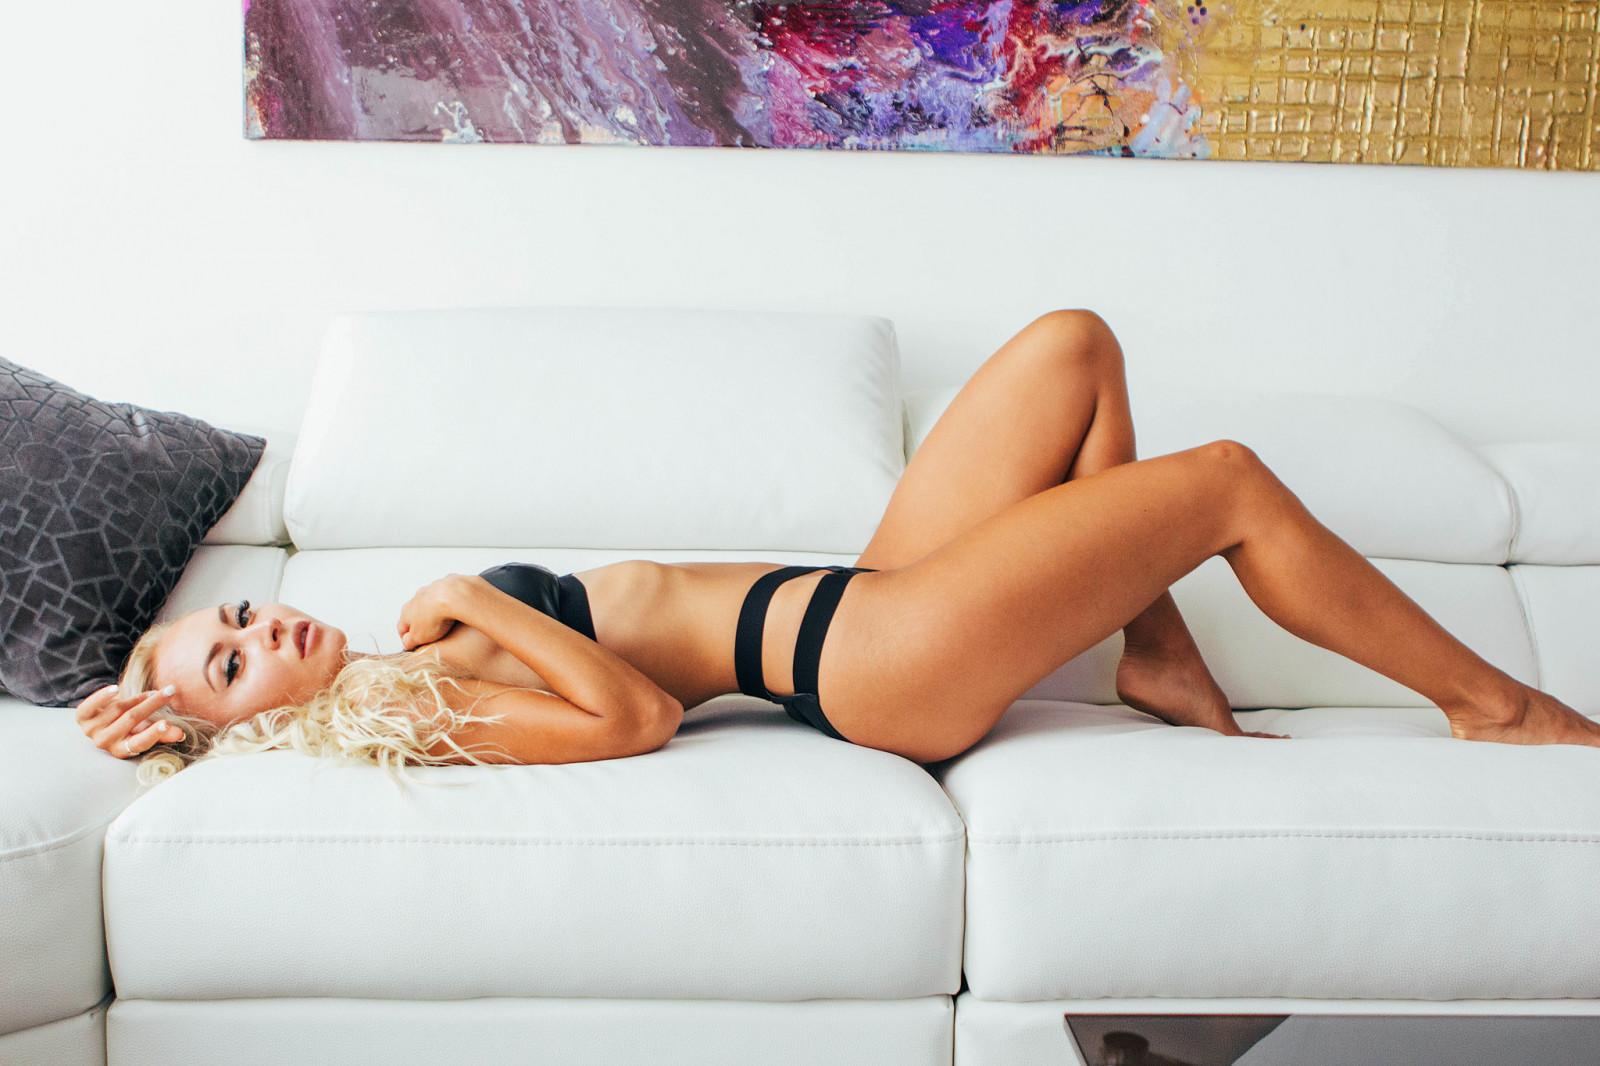 blondinka-lezhit-na-divane